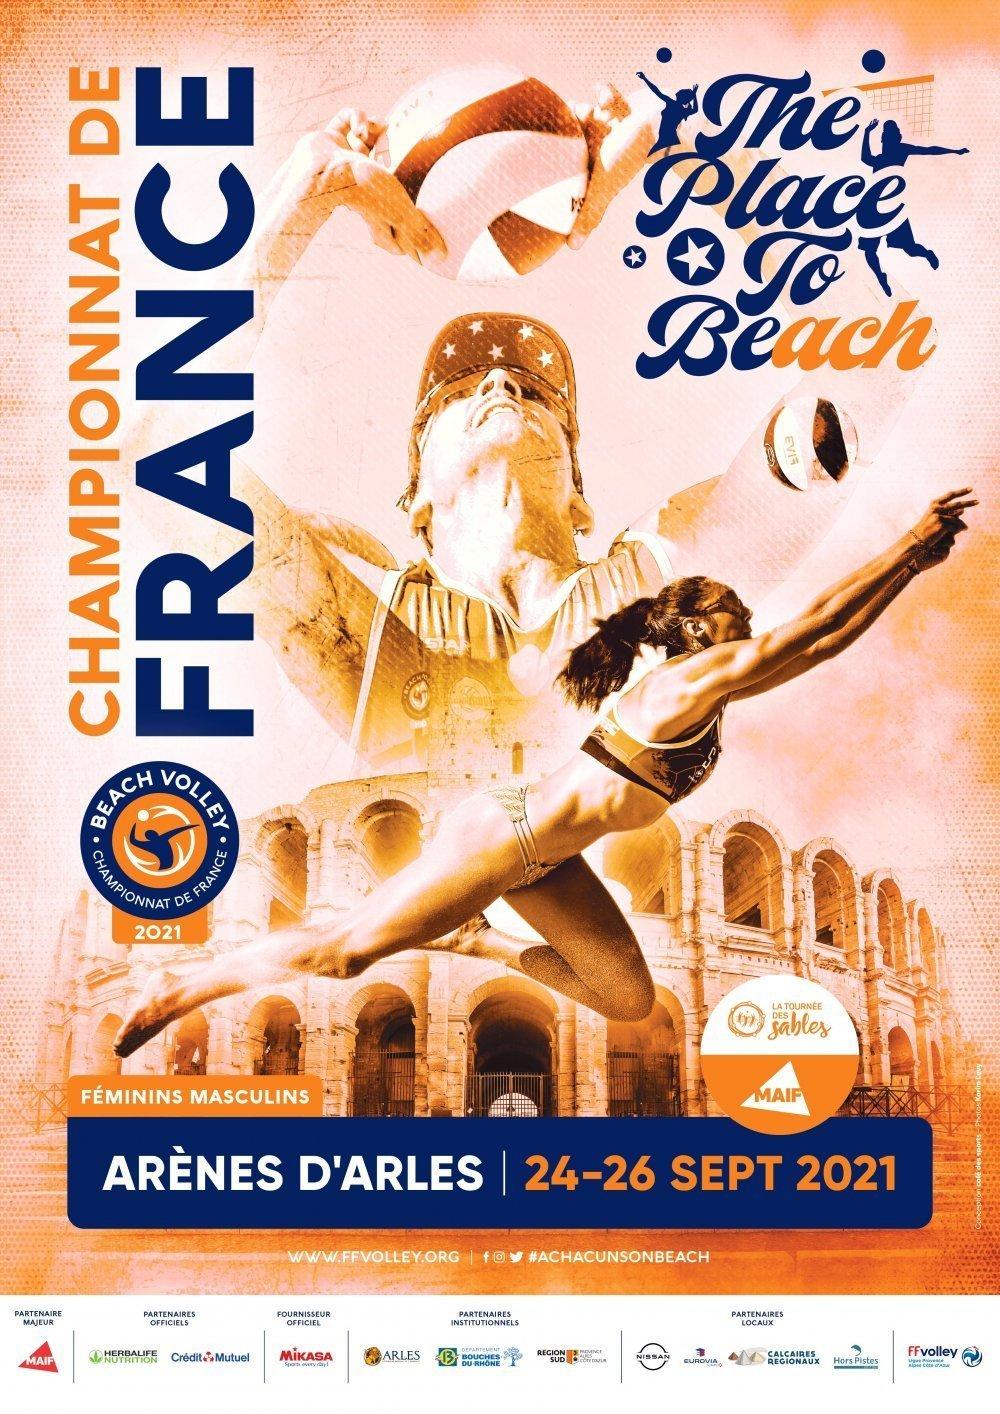 Arles accueille les qualifications et les finales du championnat de France de beach volley